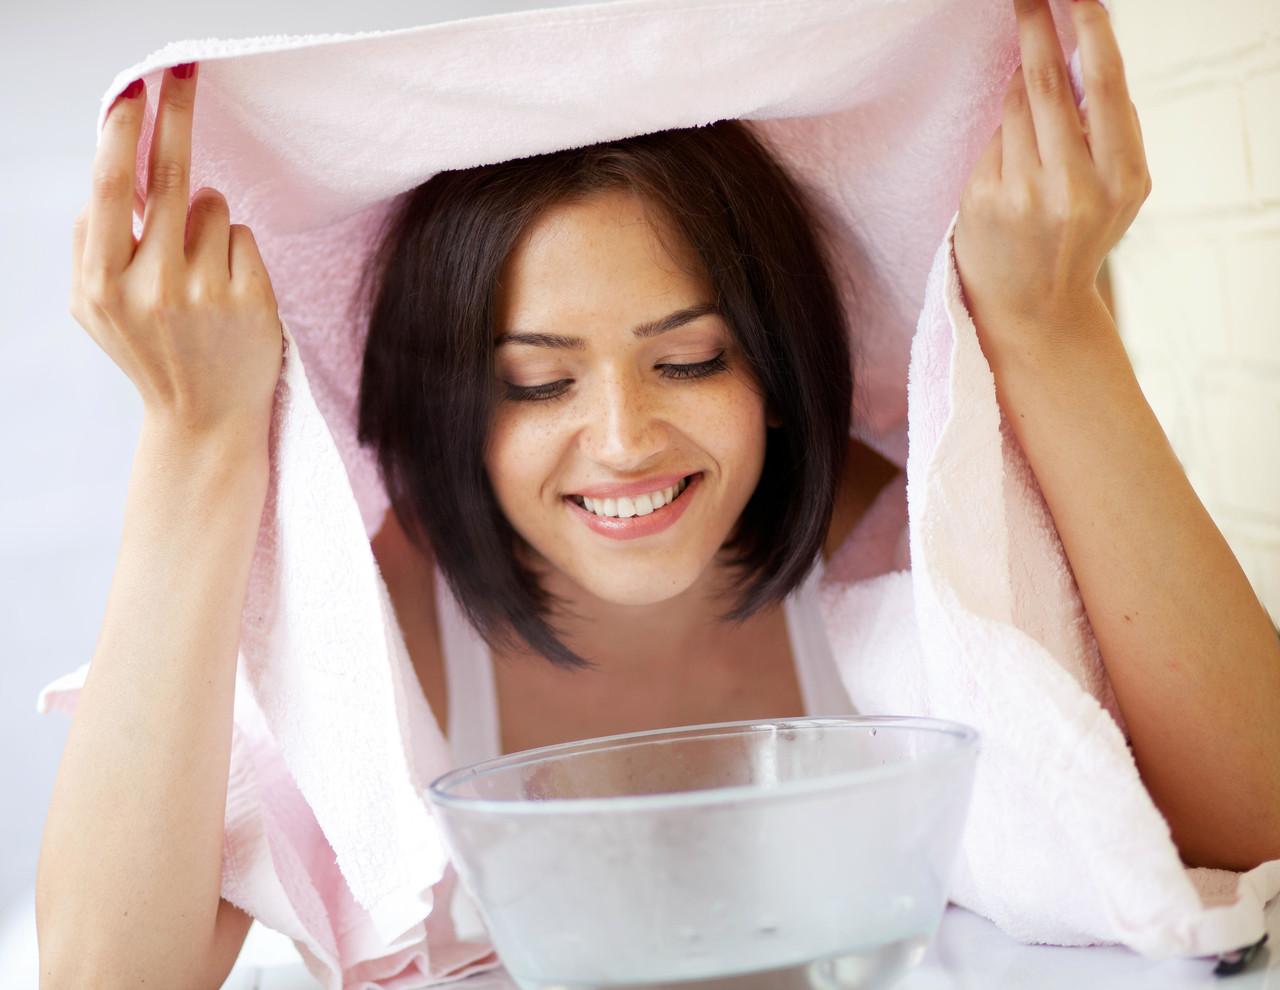 gözeneklerini genişletmek için buhar banyosu yapan kadın